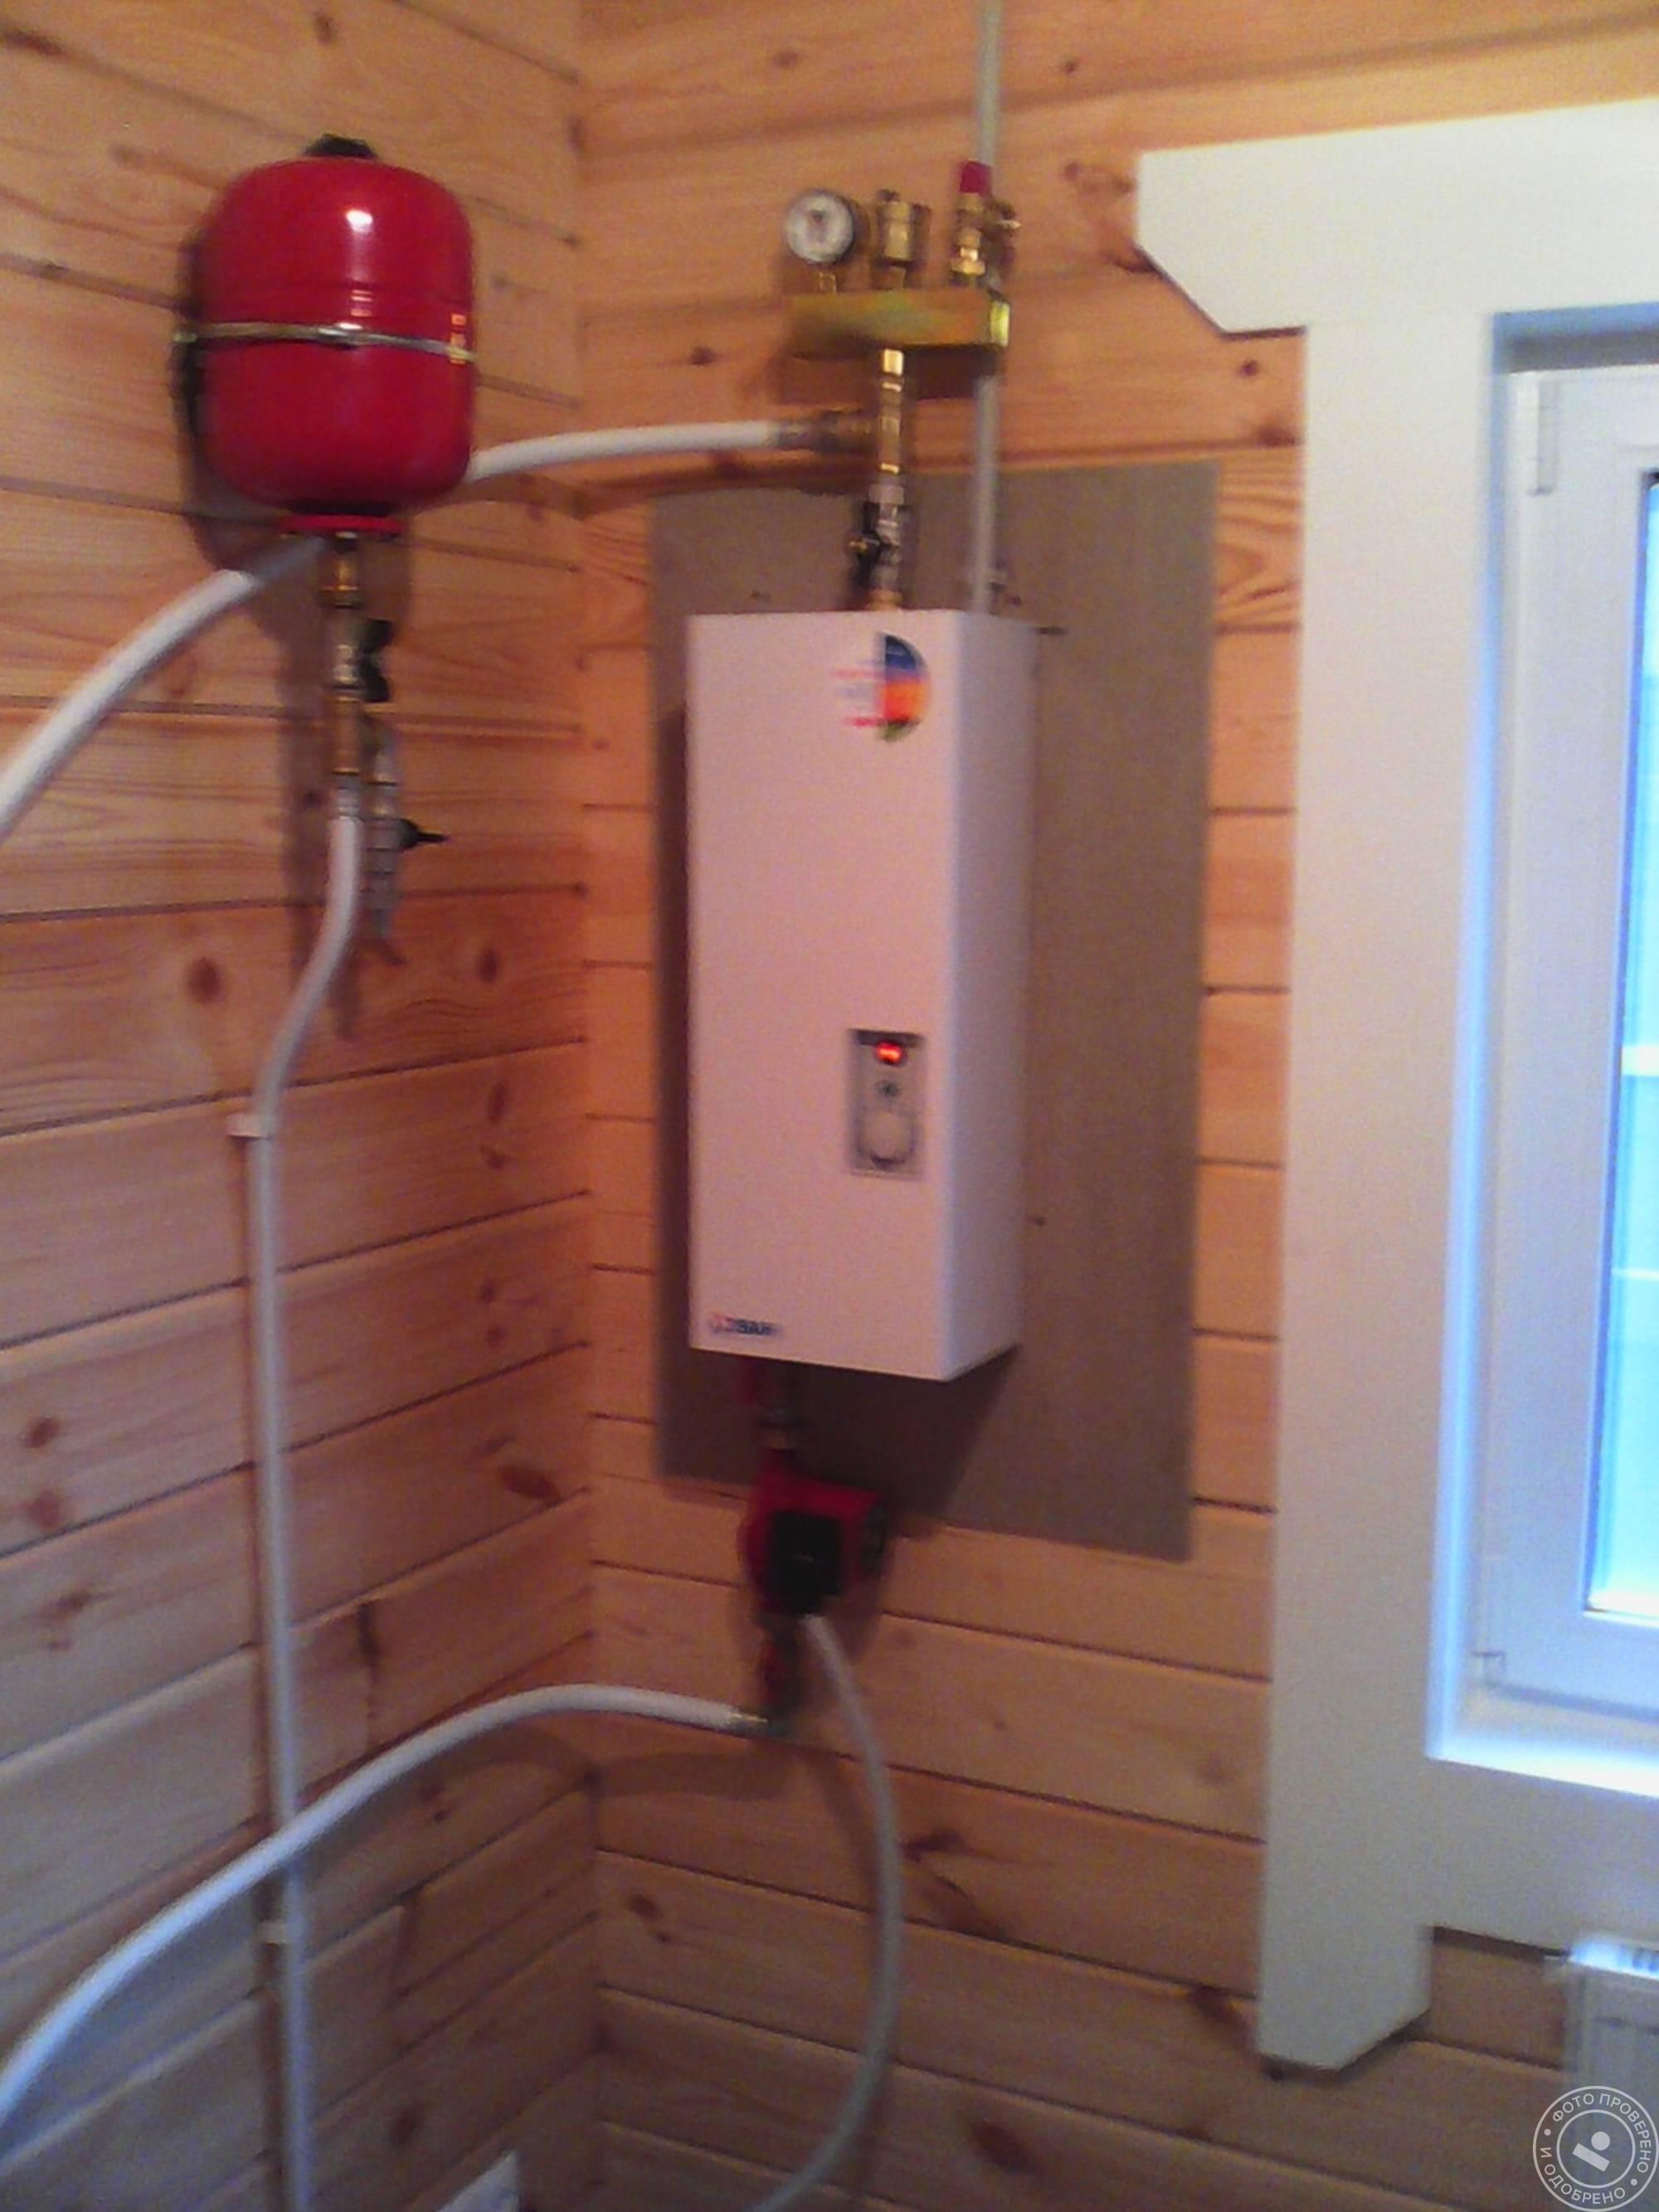 Установка электрокотла: монтаж электрического котла отопления, схема подключения своими руками в частном доме, как правильно подключить к электросети, установка эл котла с радиаторами